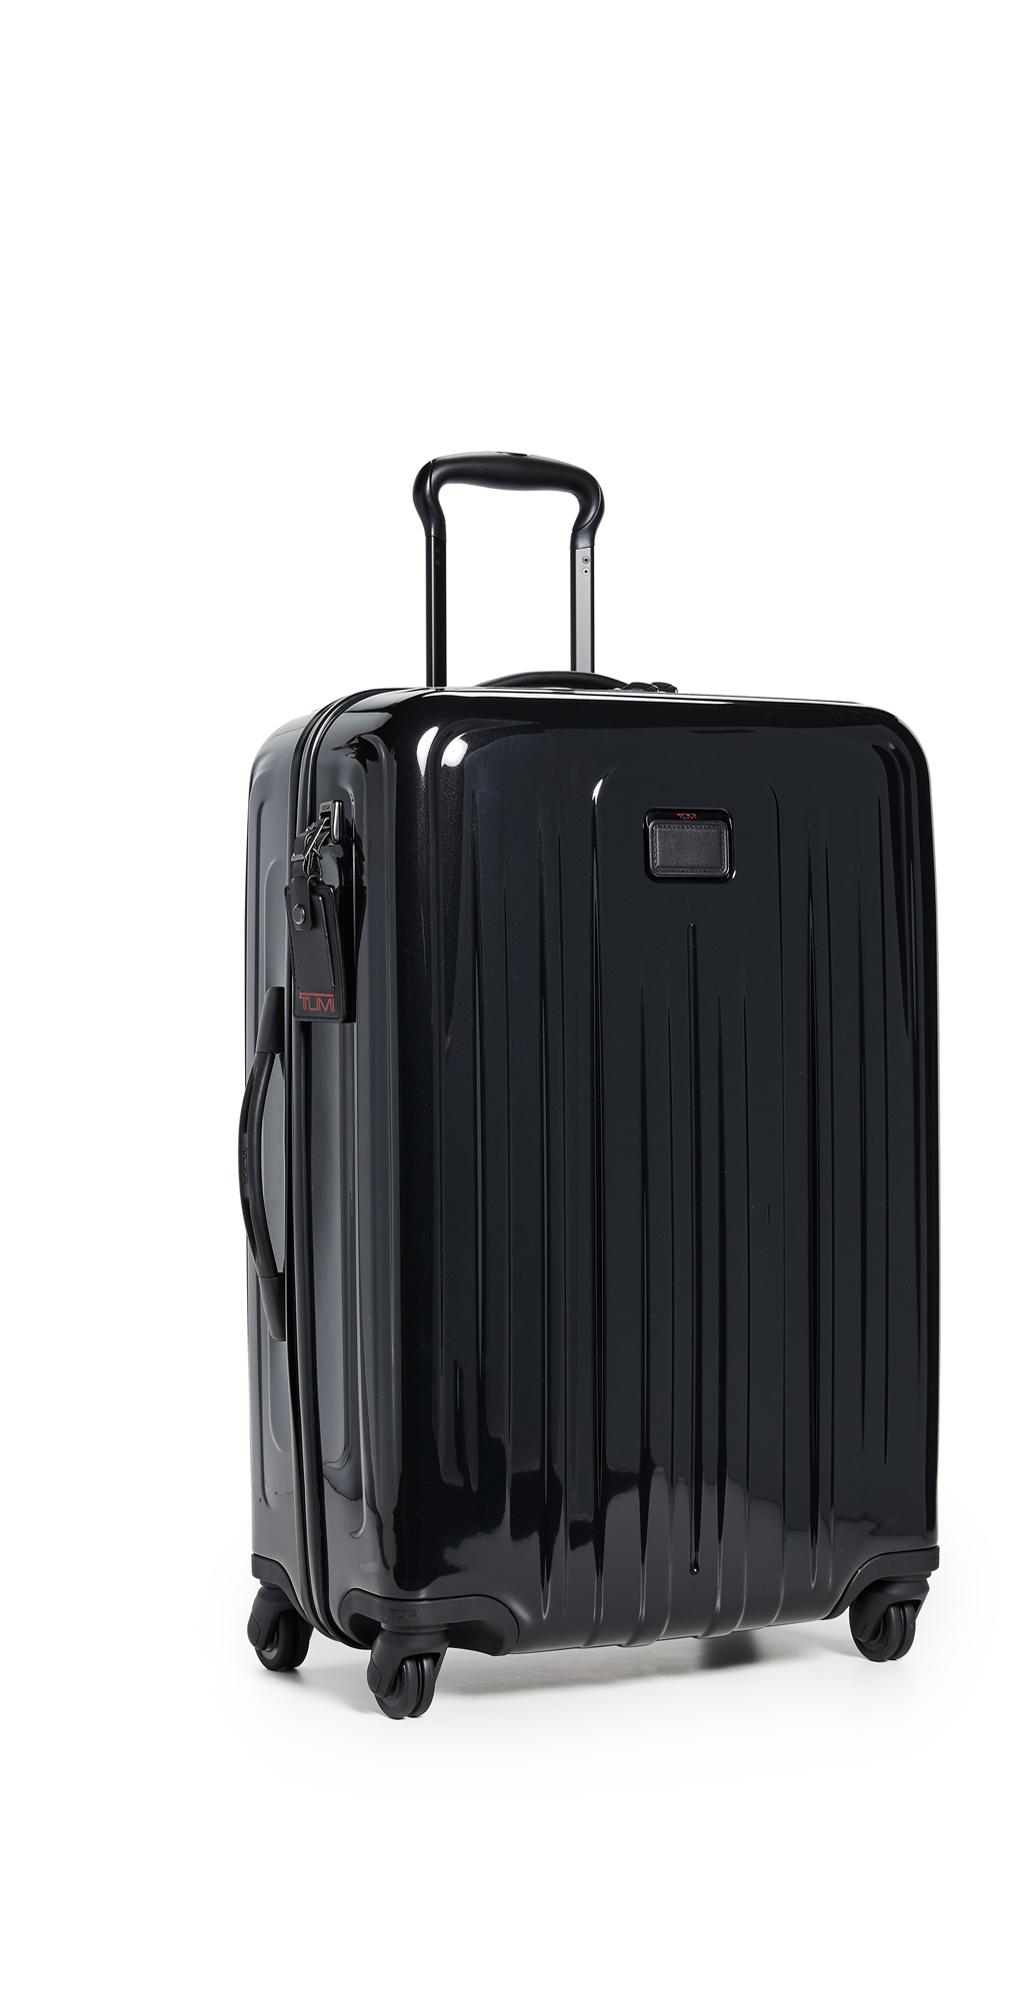 Tumi V4 Short Trip Expandable 4 Wheel Packing Case